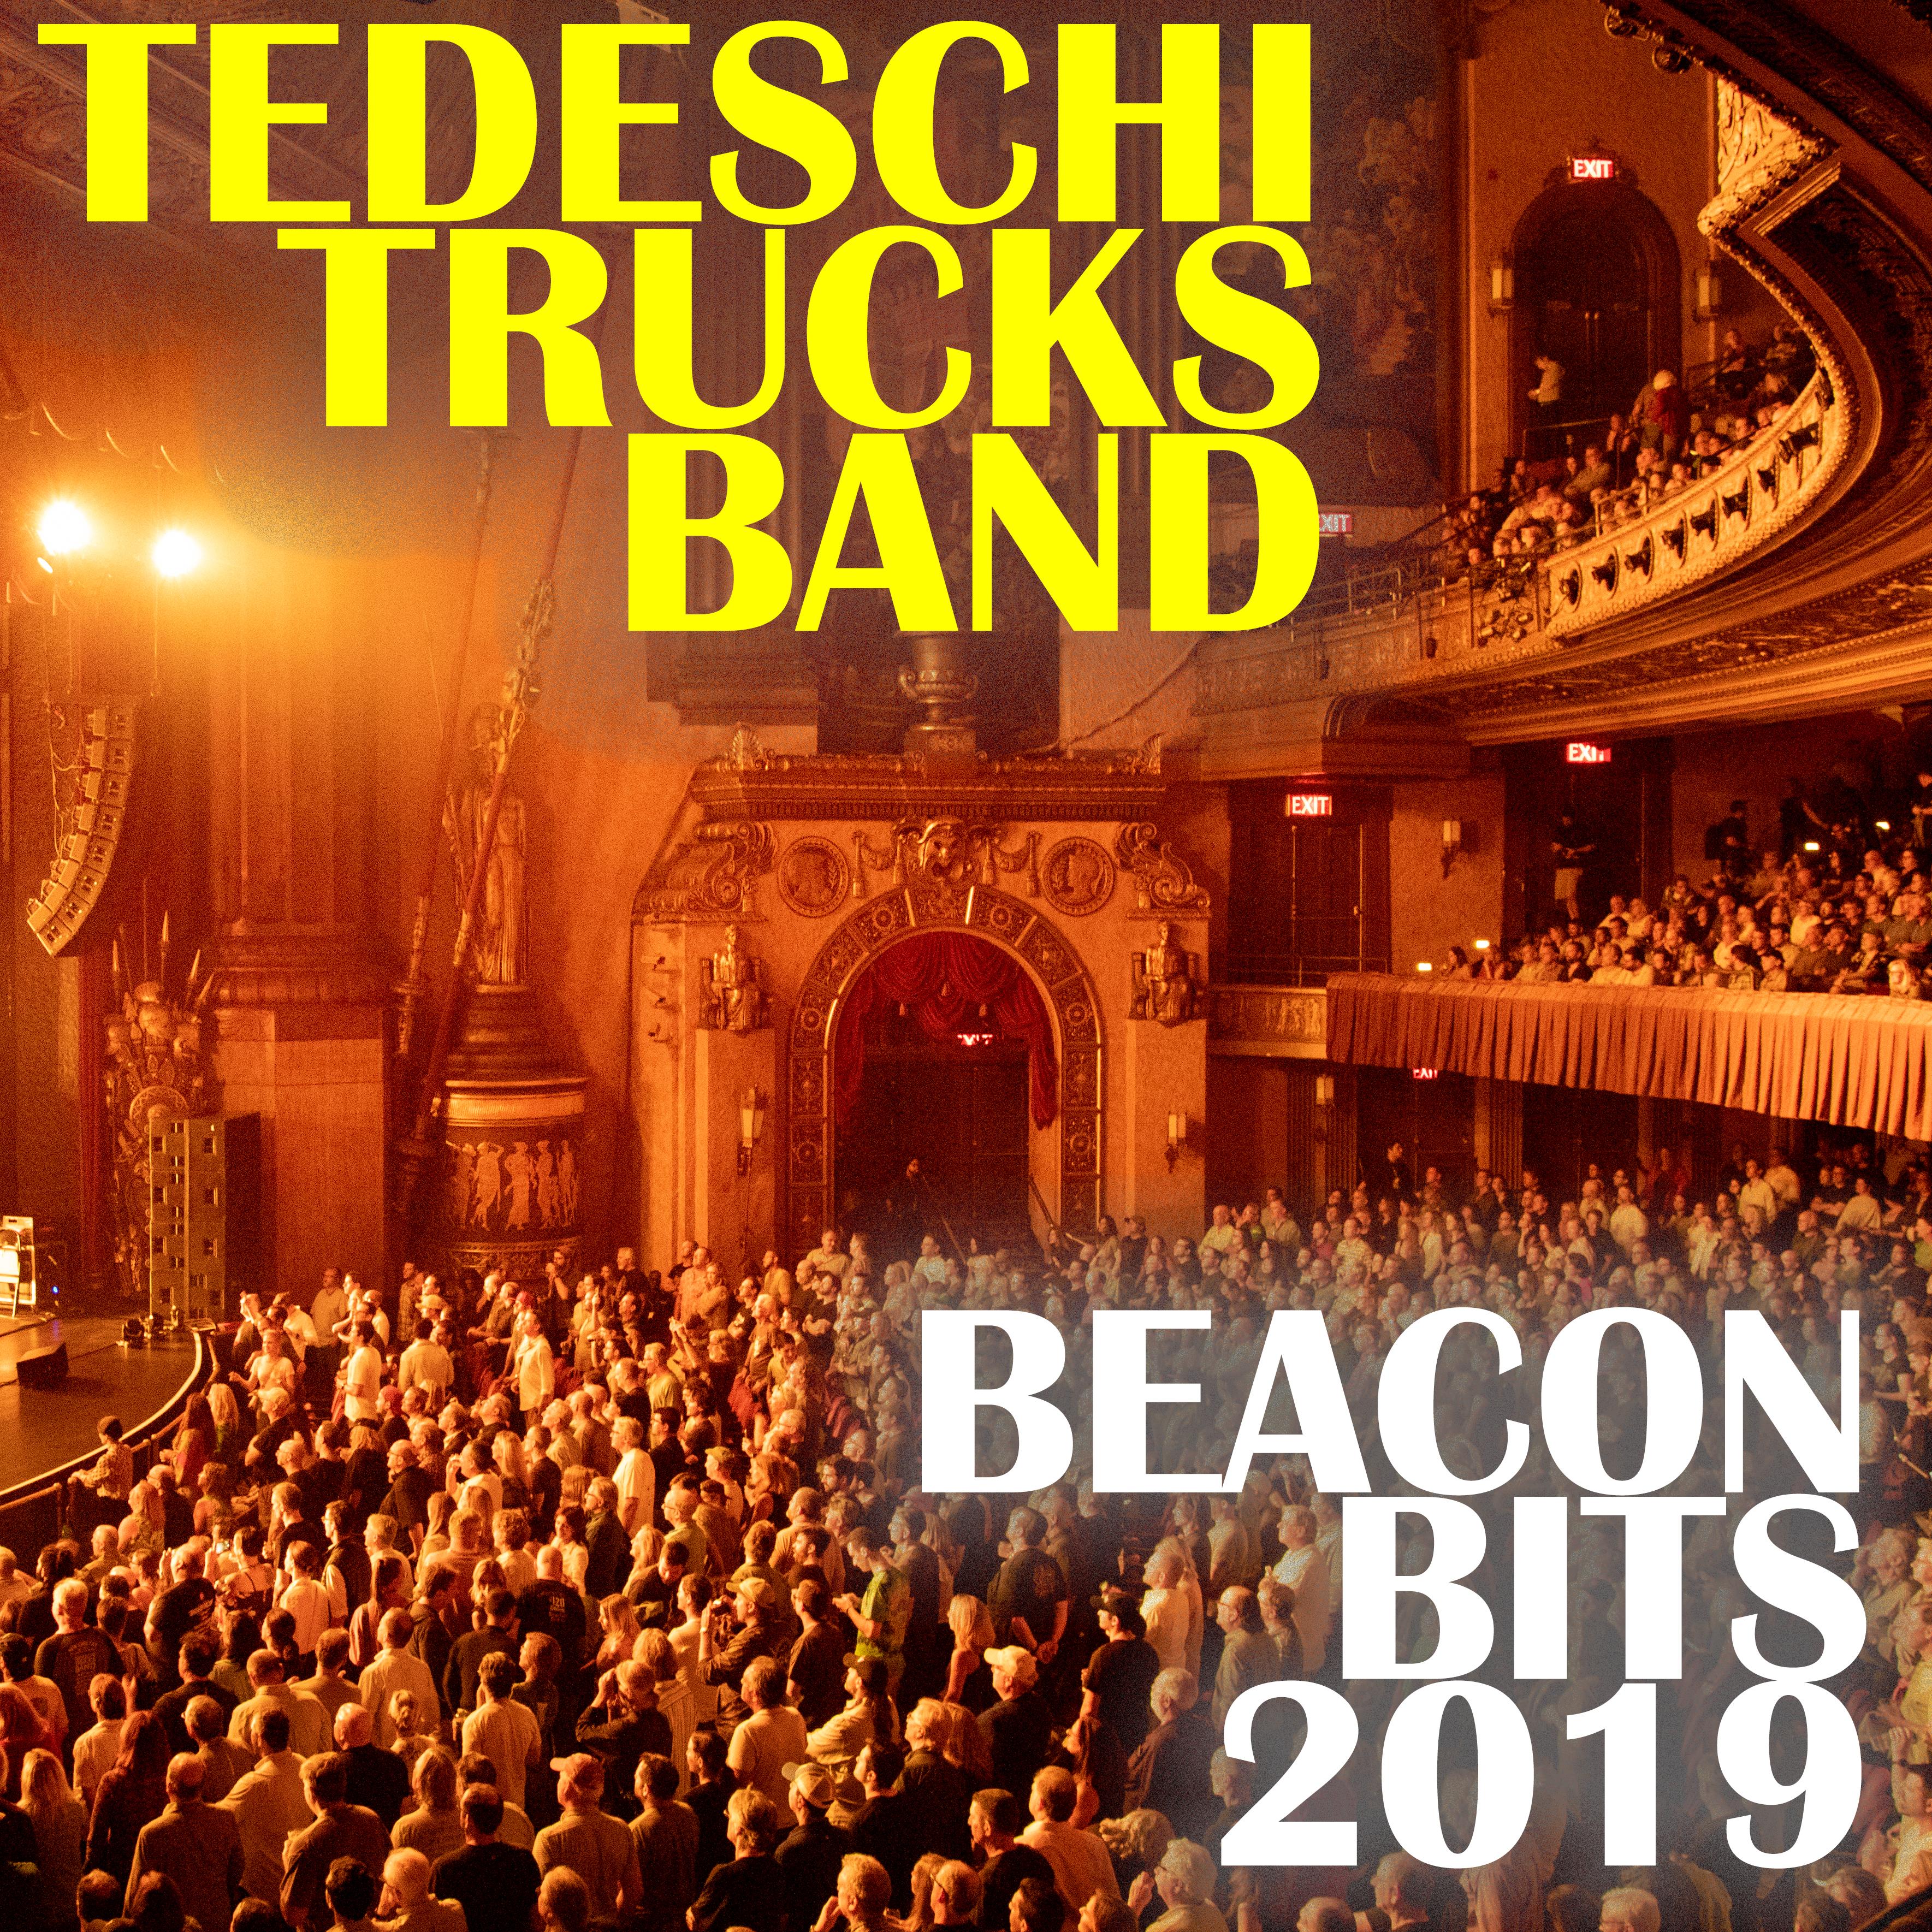 Beacon Bits 2019